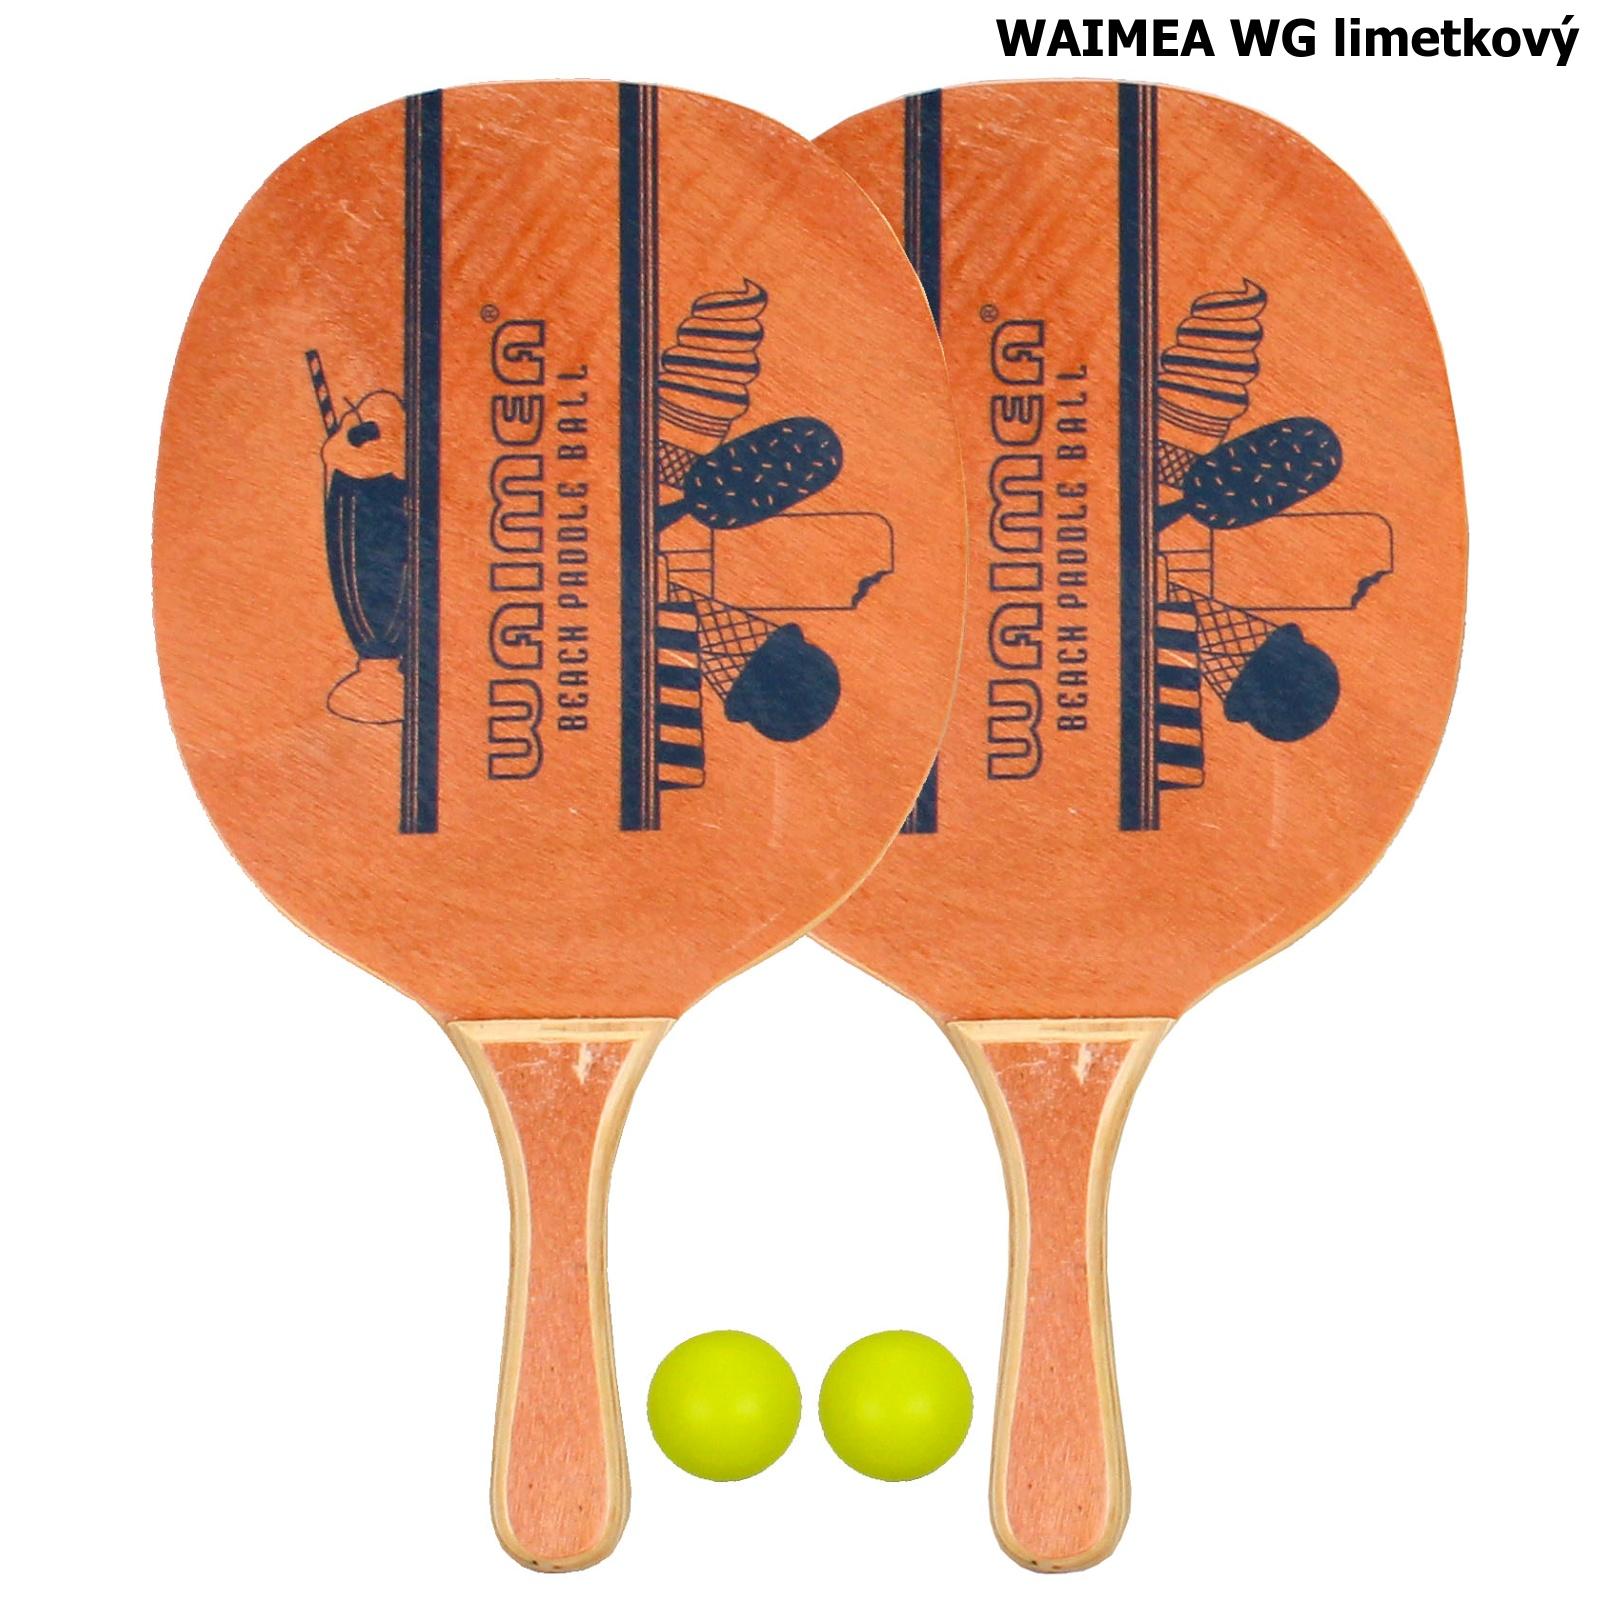 Plážový tenis WAIMEA WG - limetkový